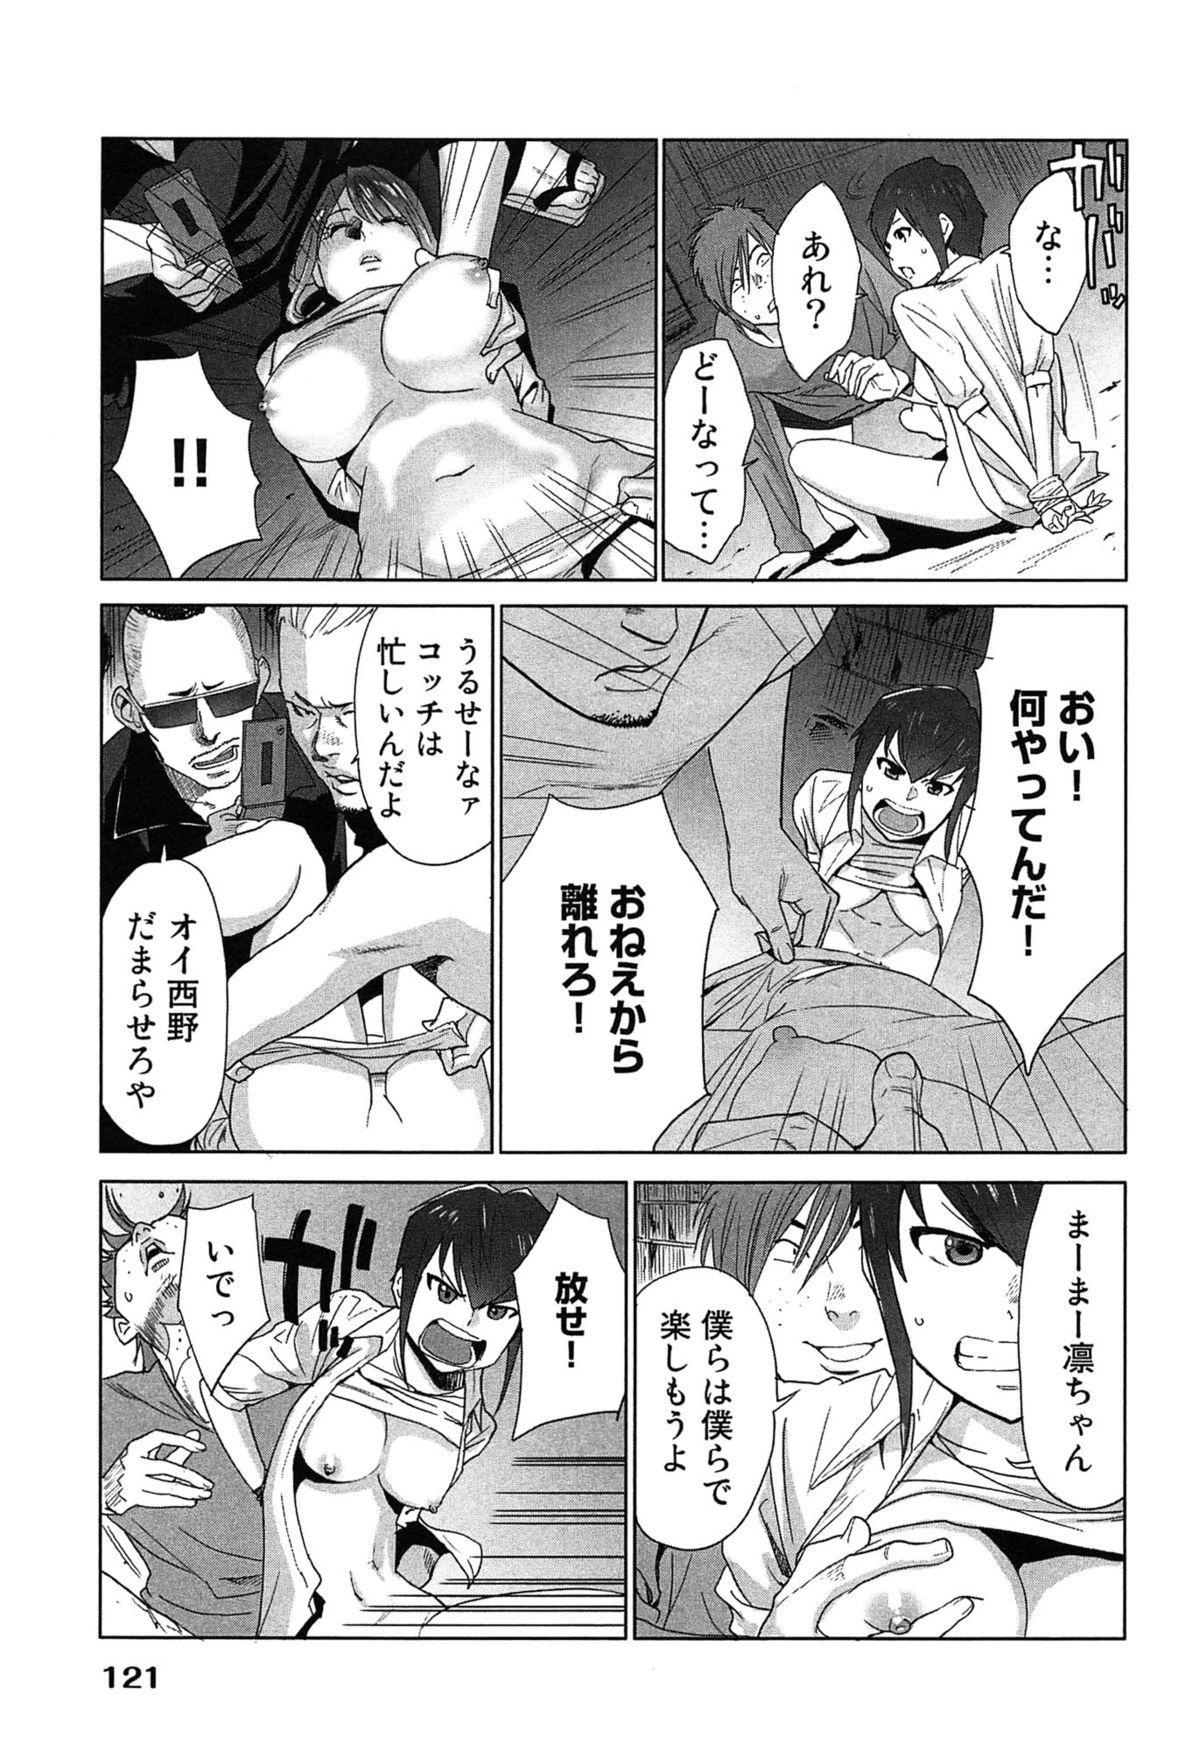 Megami to Ichinen Kura Shite Mita. 2 124